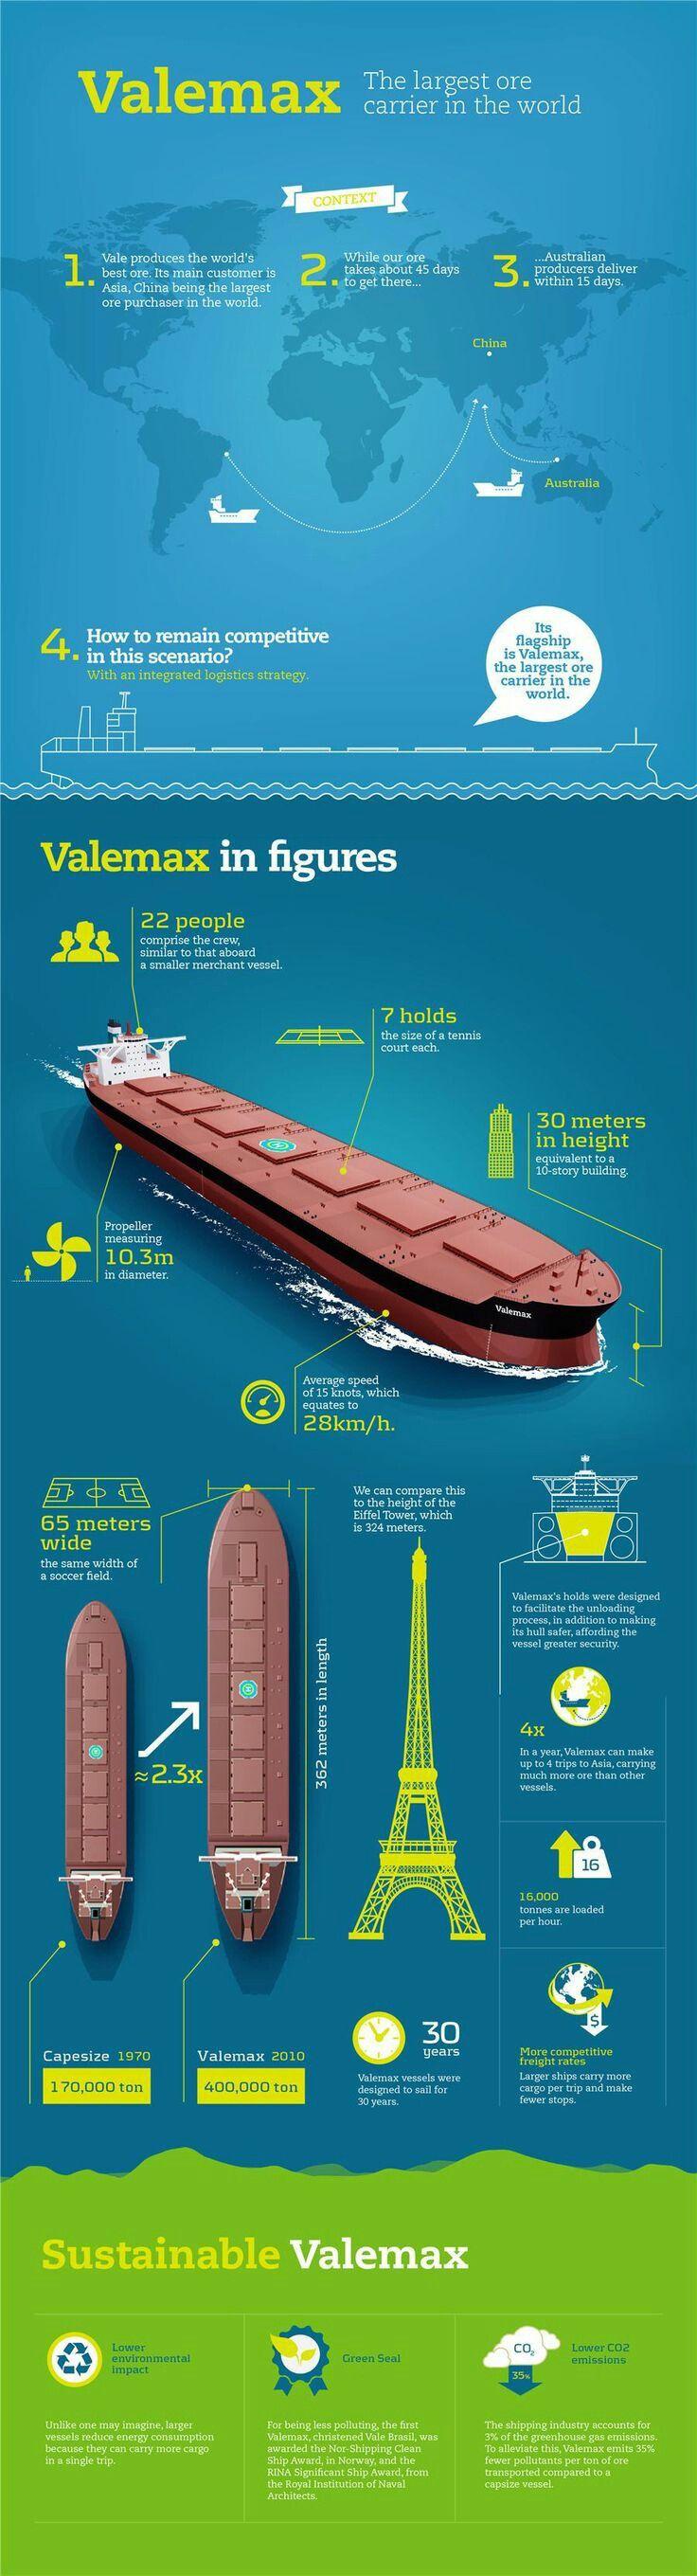 Valemax bulker